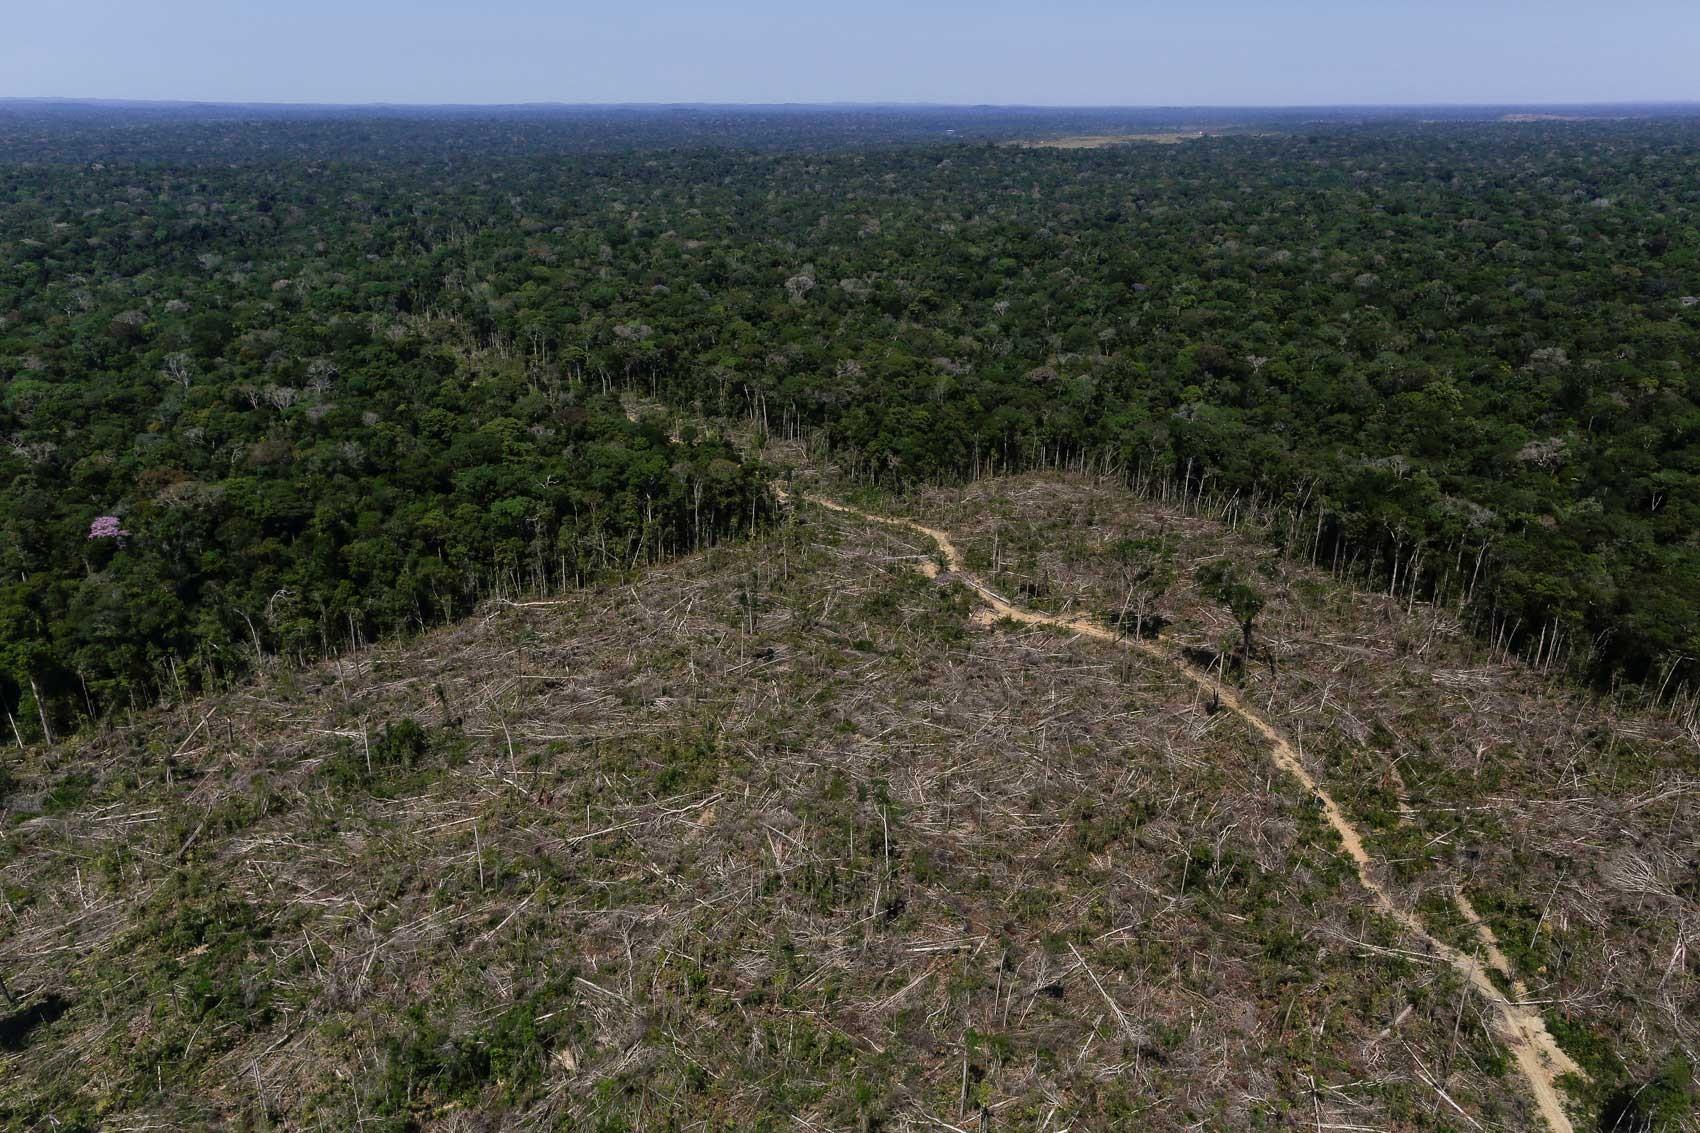 Entenda como o Inpe monitora e gera taxas de desmatamento da Amazônia - Notícias - Plantão Diário